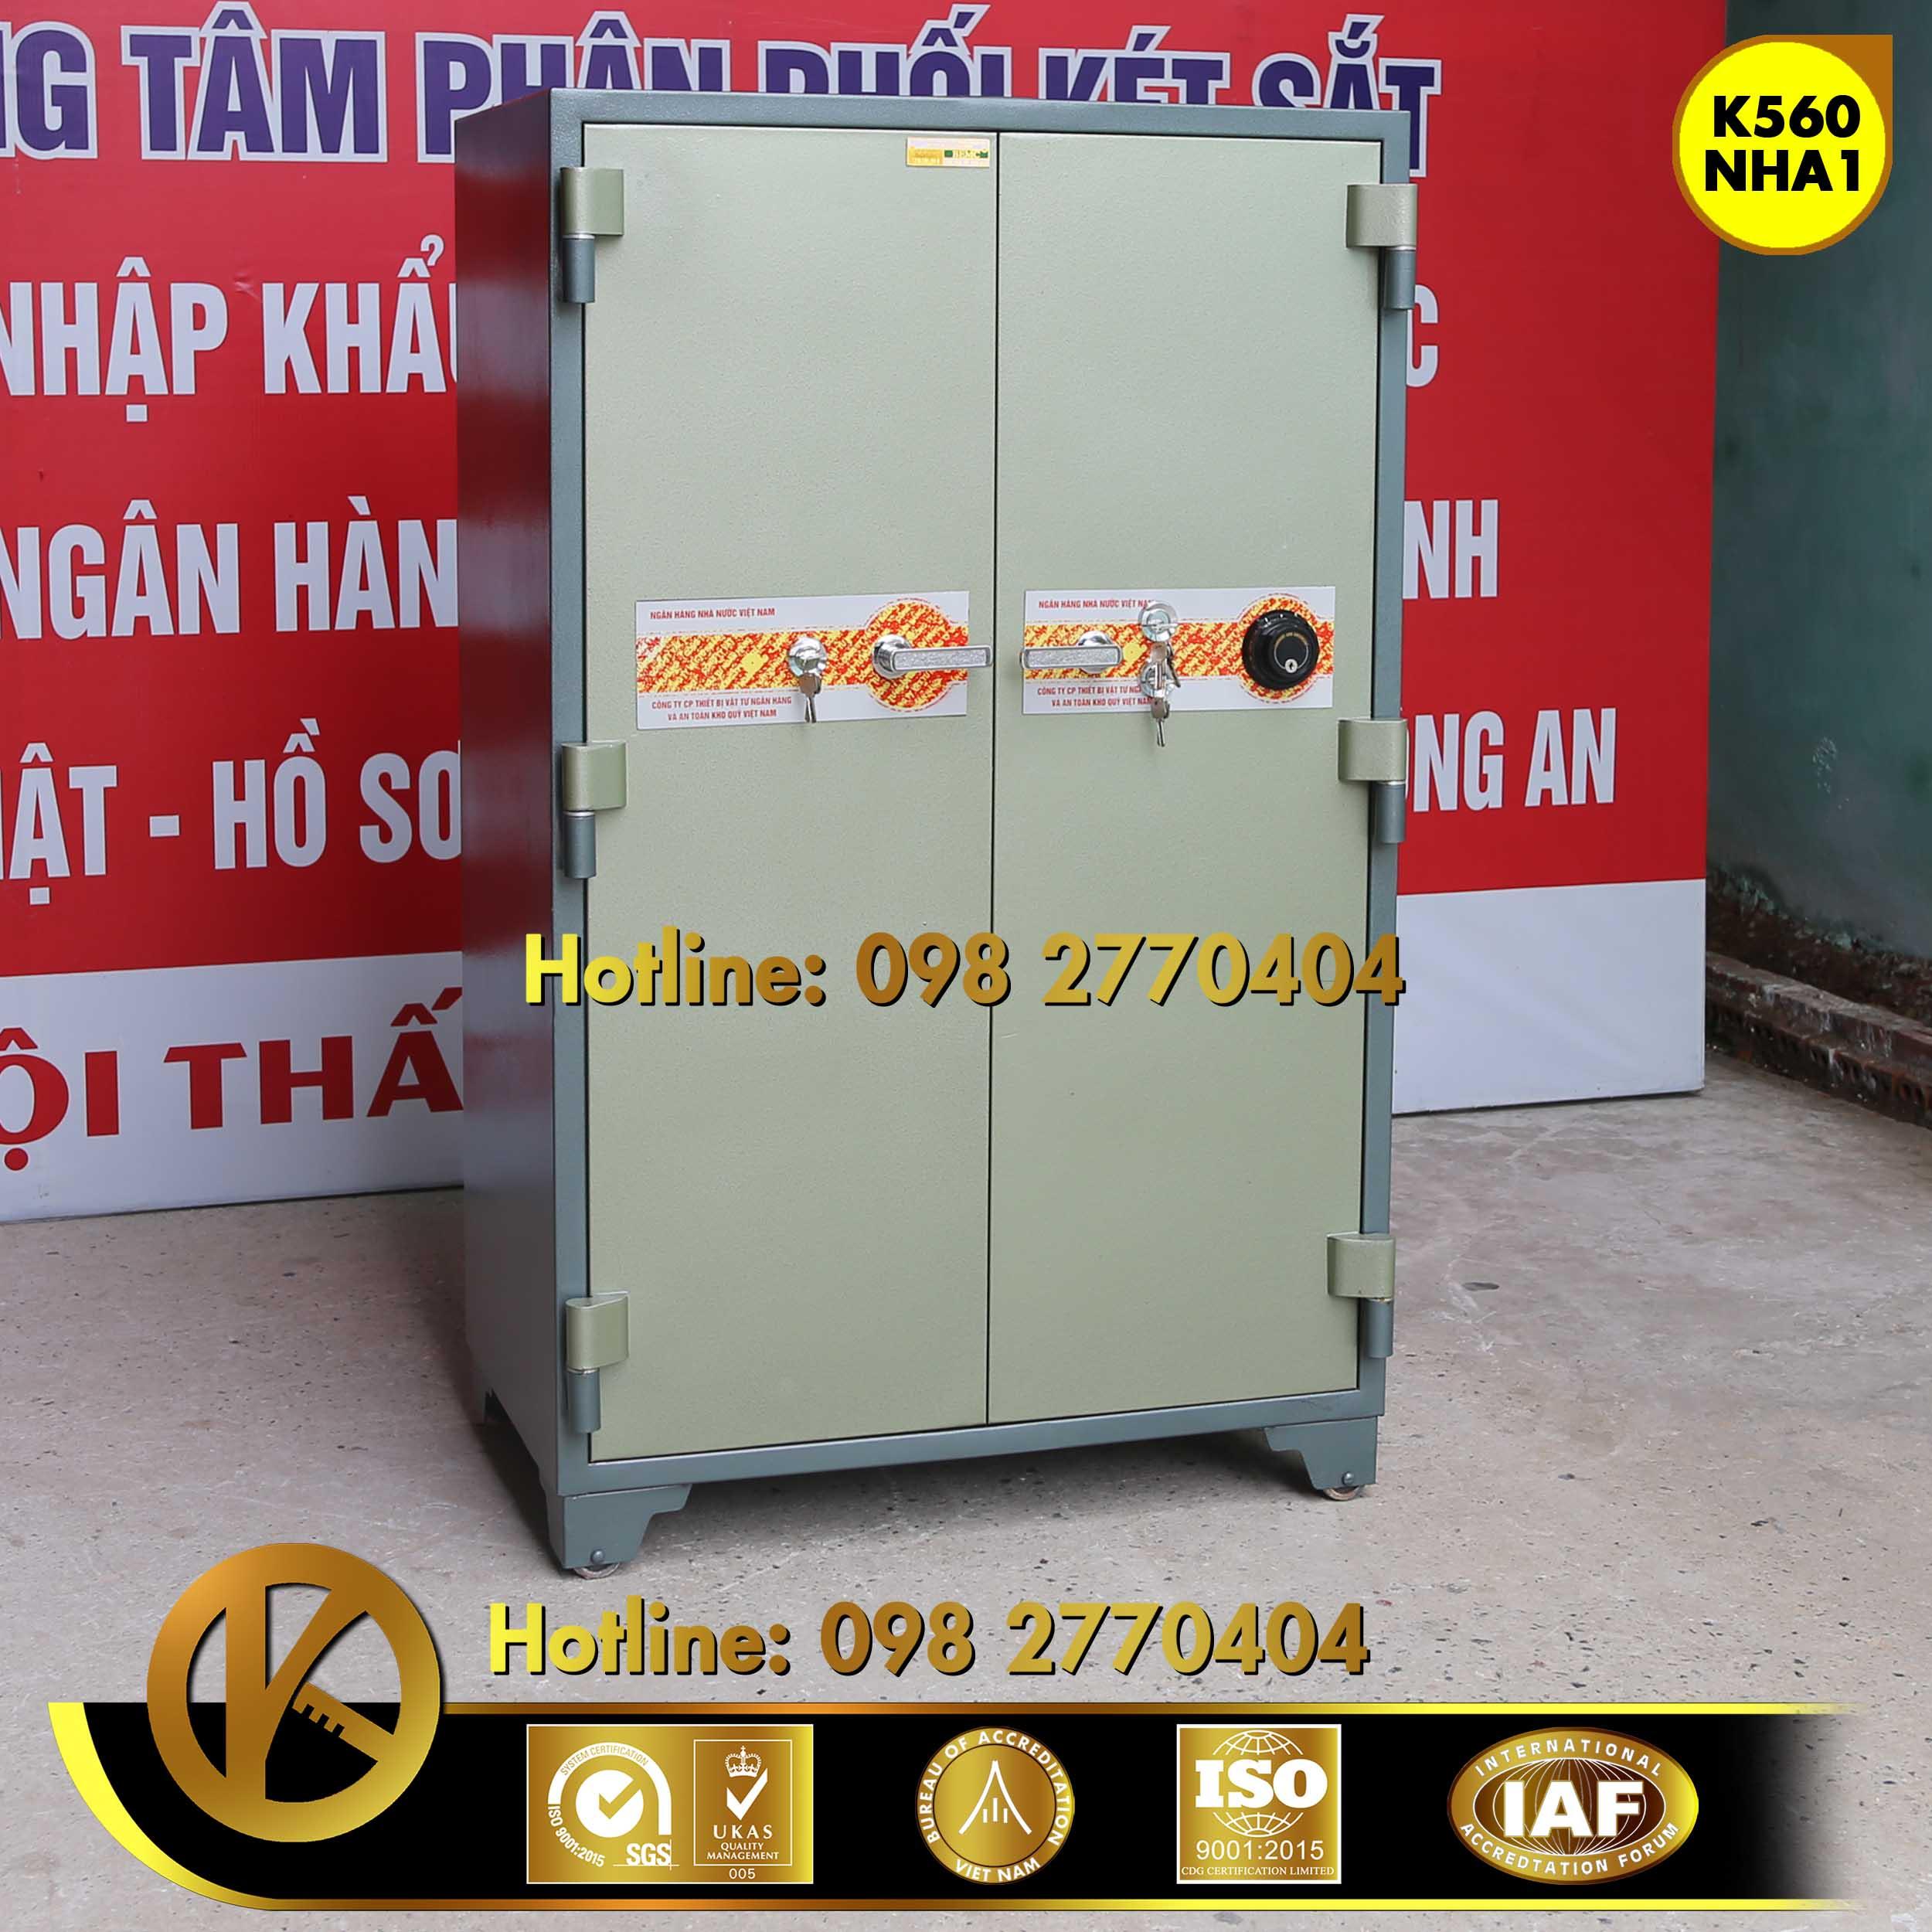 hình ảnh sản phẩm thuê két sắt ngân hàng vietcombank